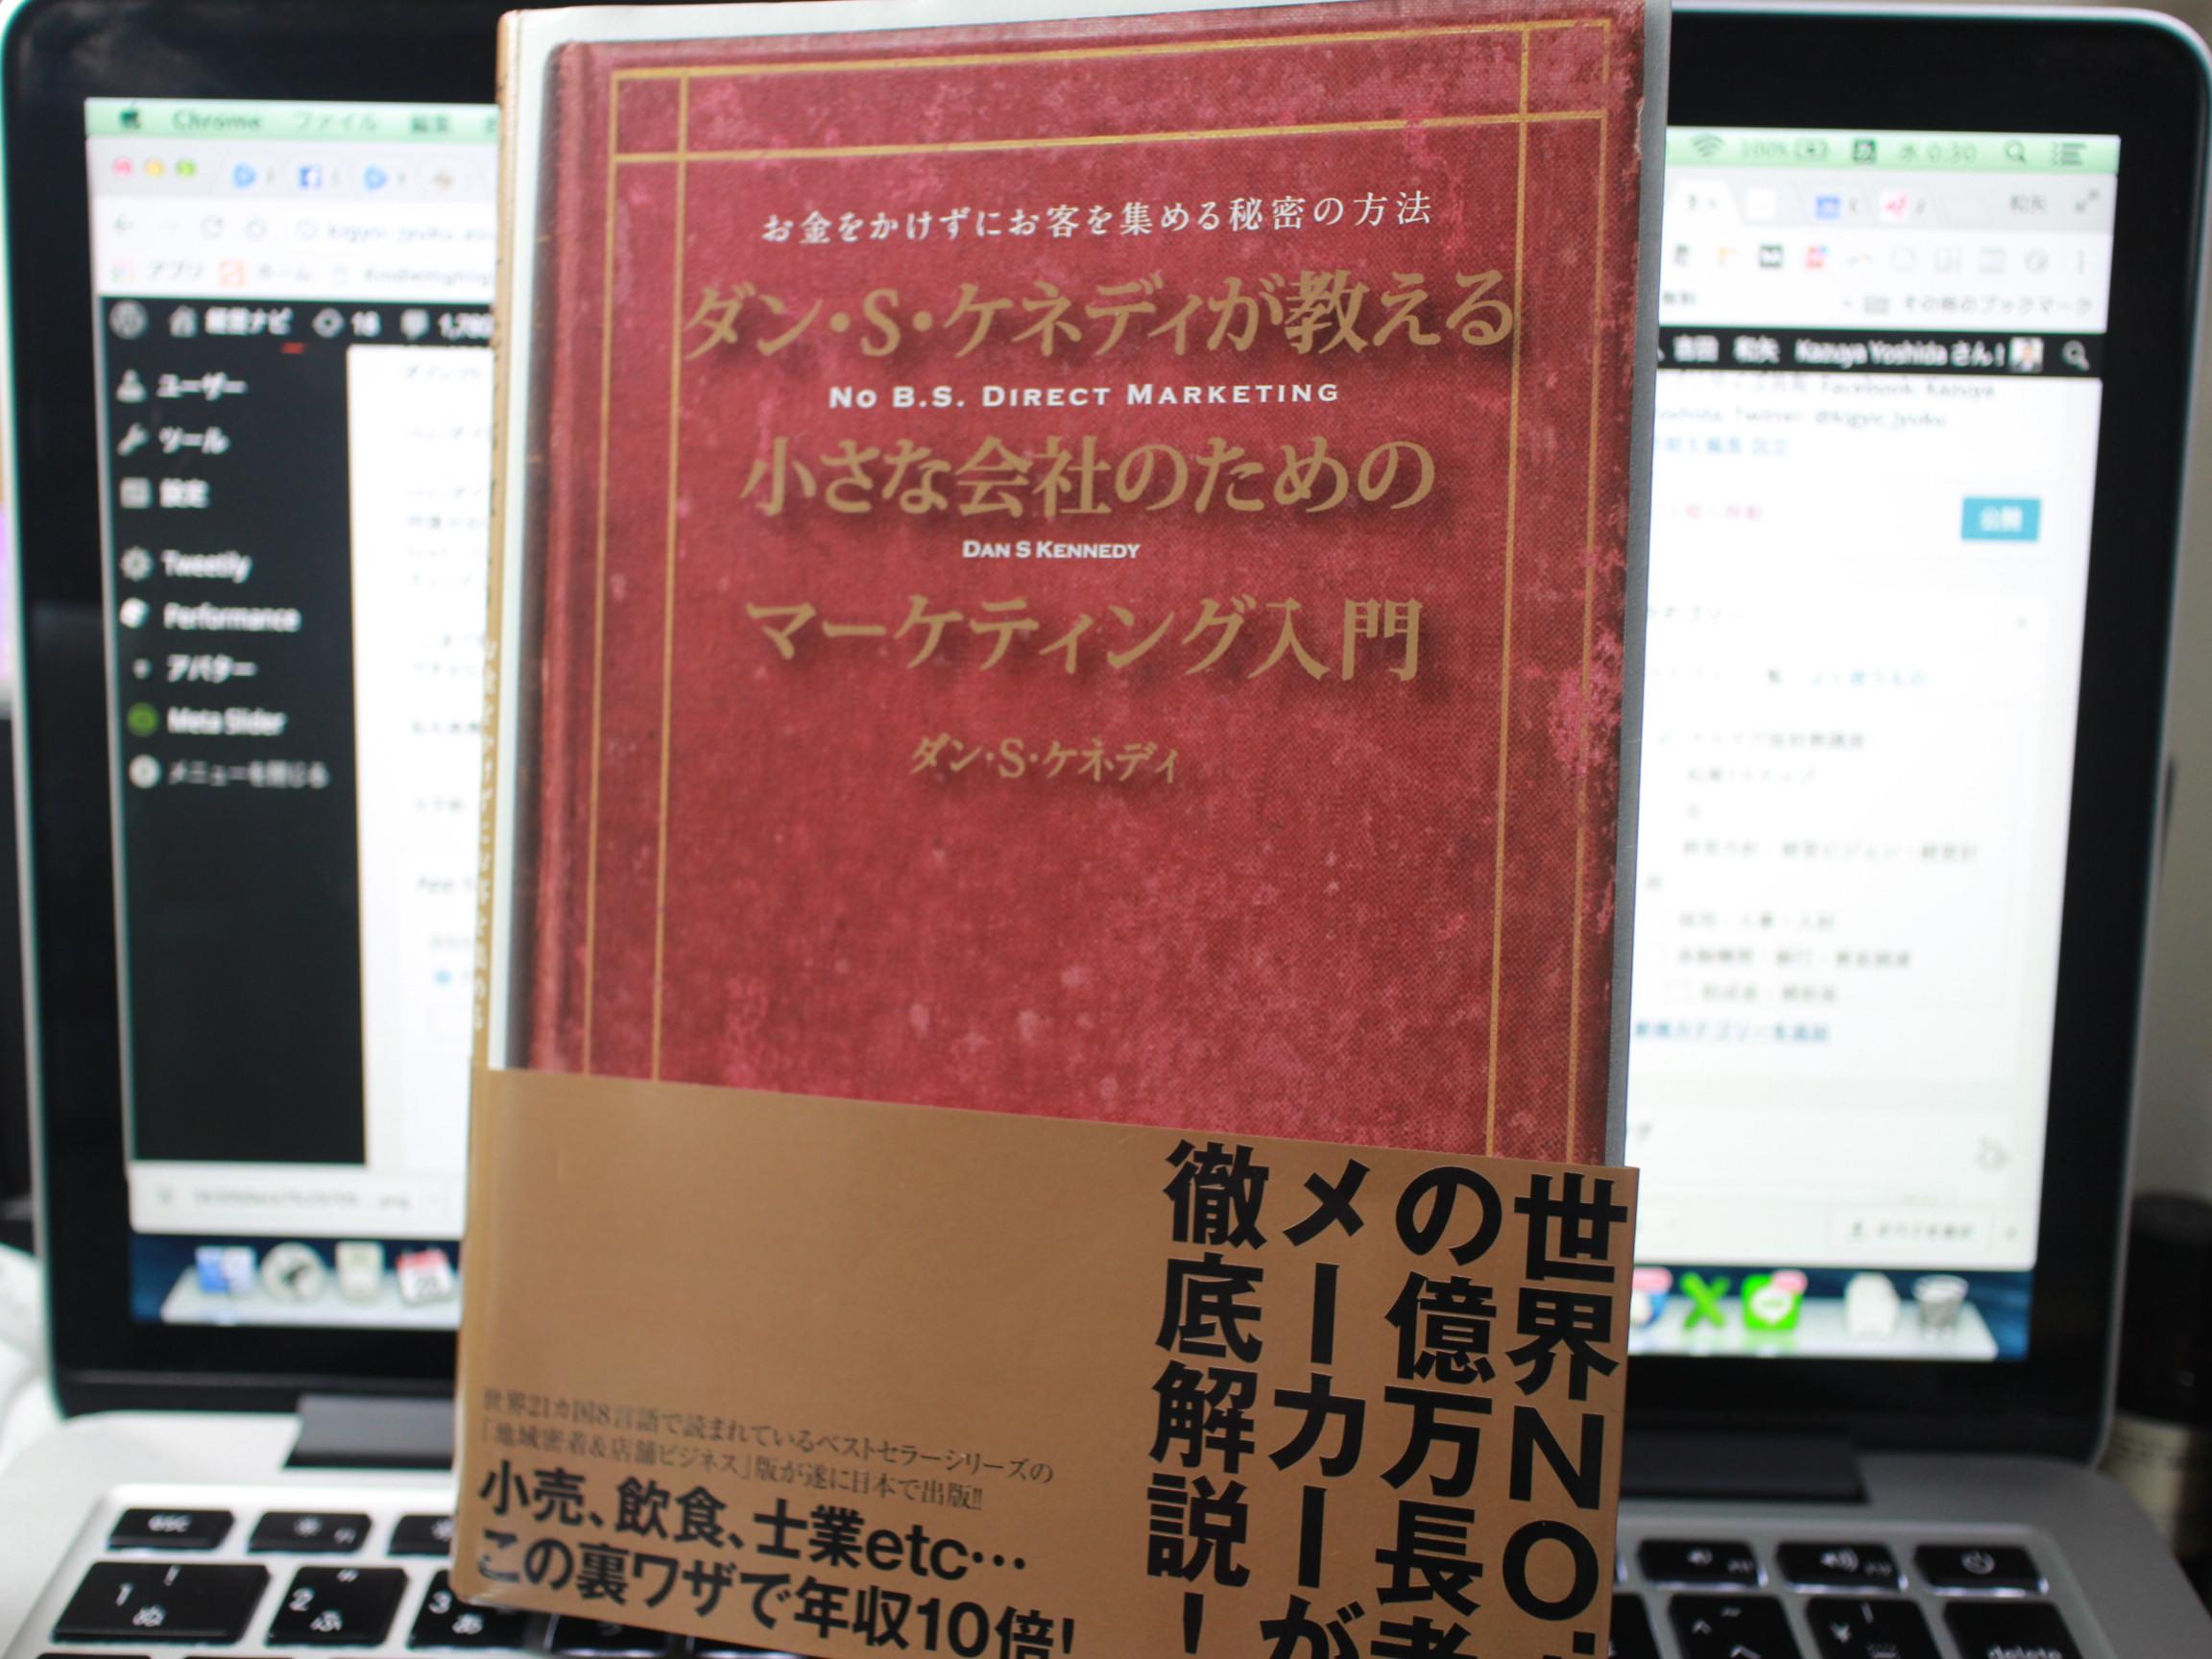 【VOL147】ダイレクト・レスポンス・マーケティング(DRM)こそ中小企業の活路?!